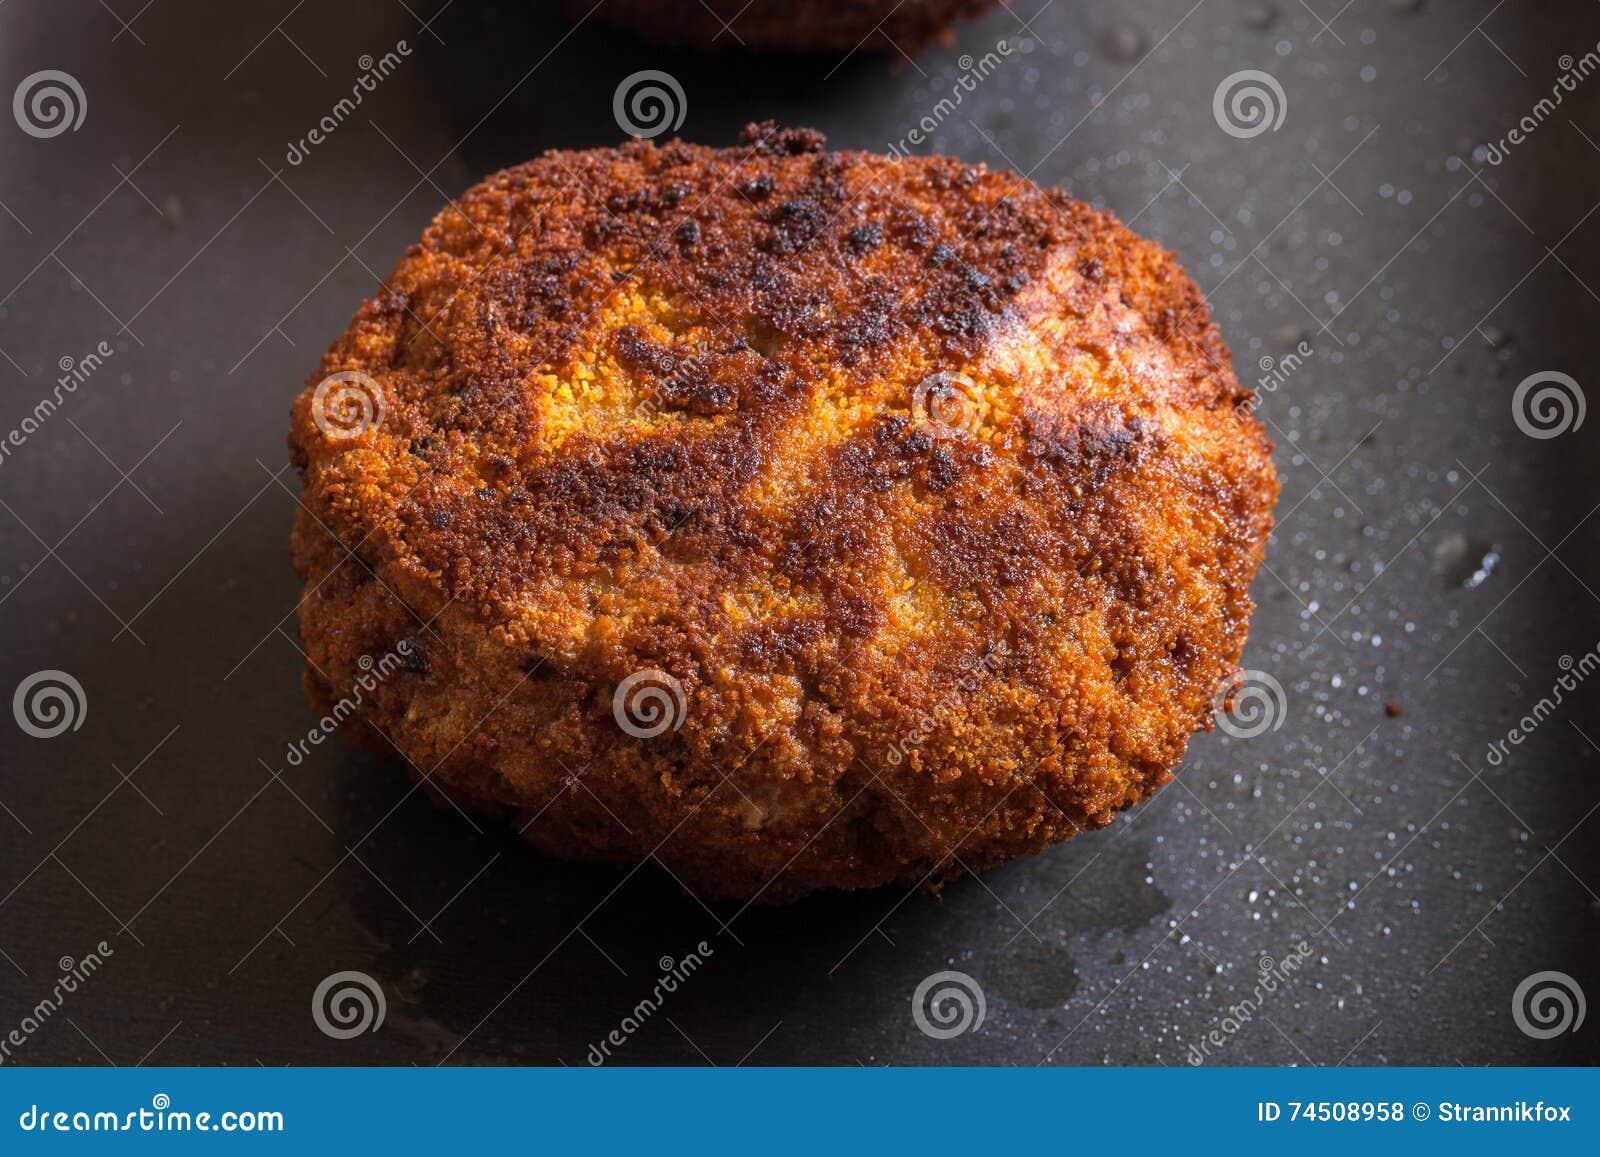 how to cook schnitzel in a frying pan